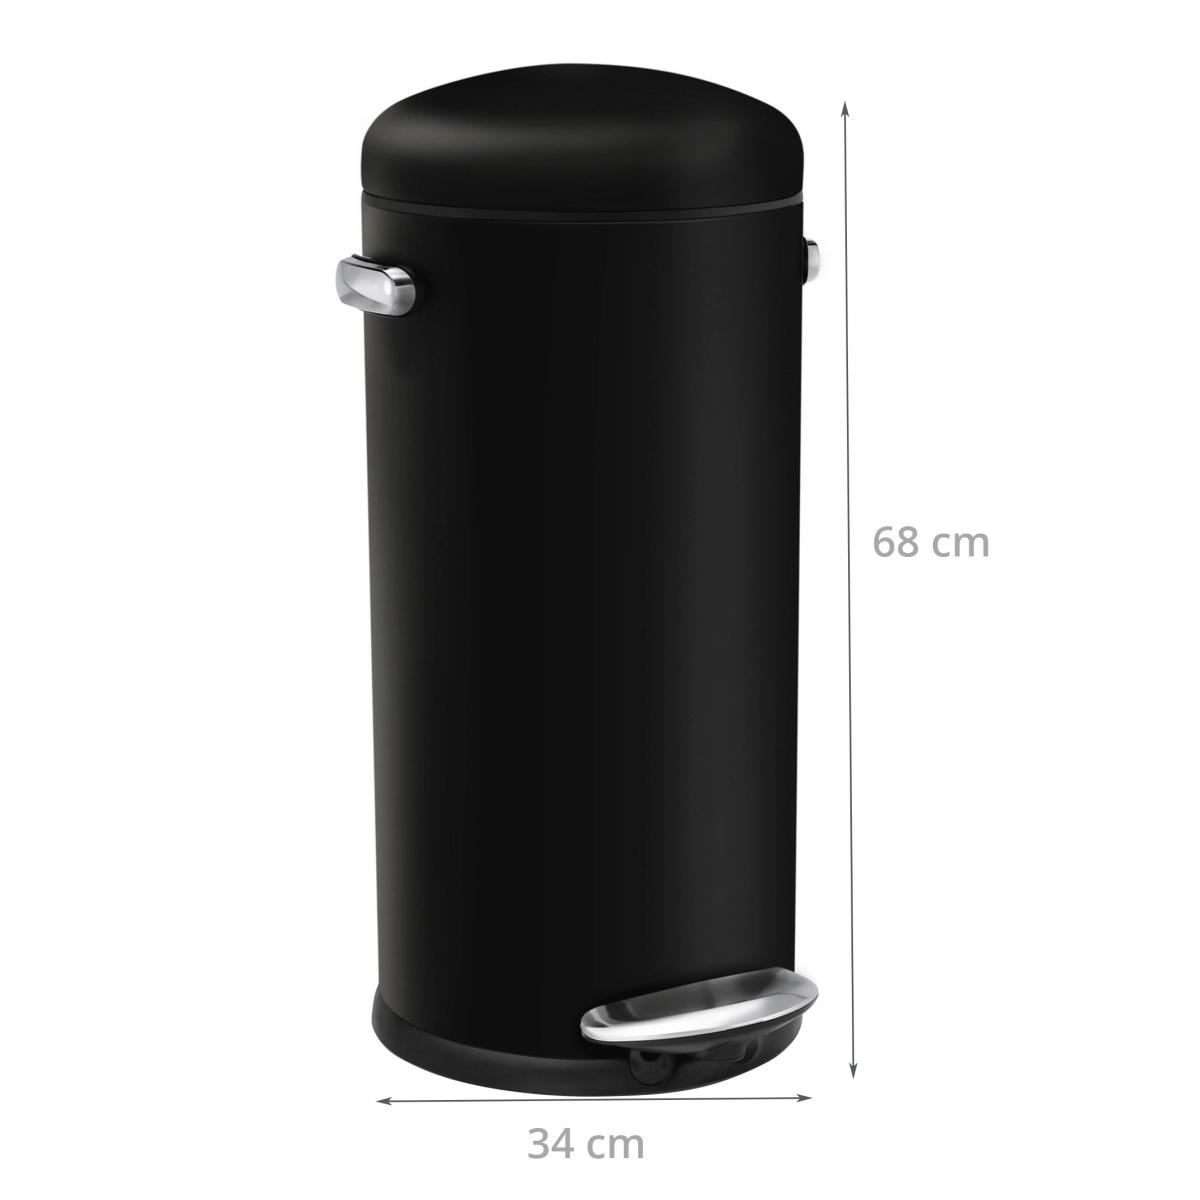 poubelle r tro en m tal noir p dale 30 litres cuisine. Black Bedroom Furniture Sets. Home Design Ideas